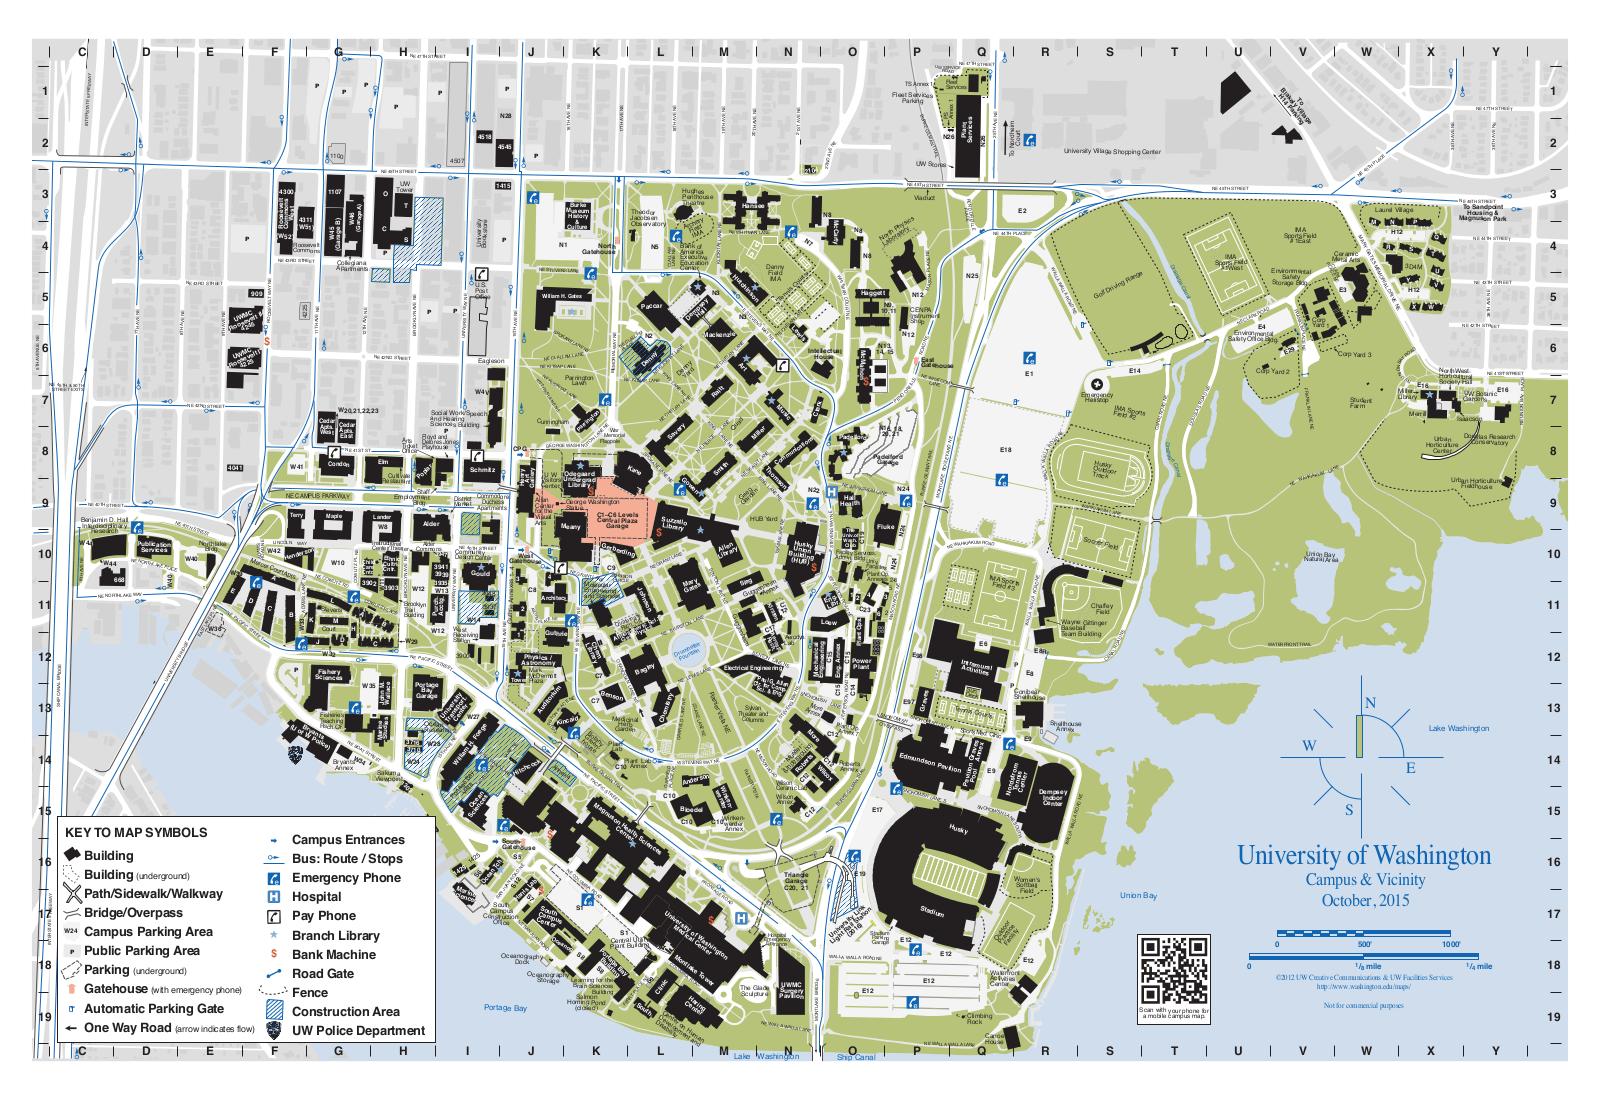 University of Washington Campus Map